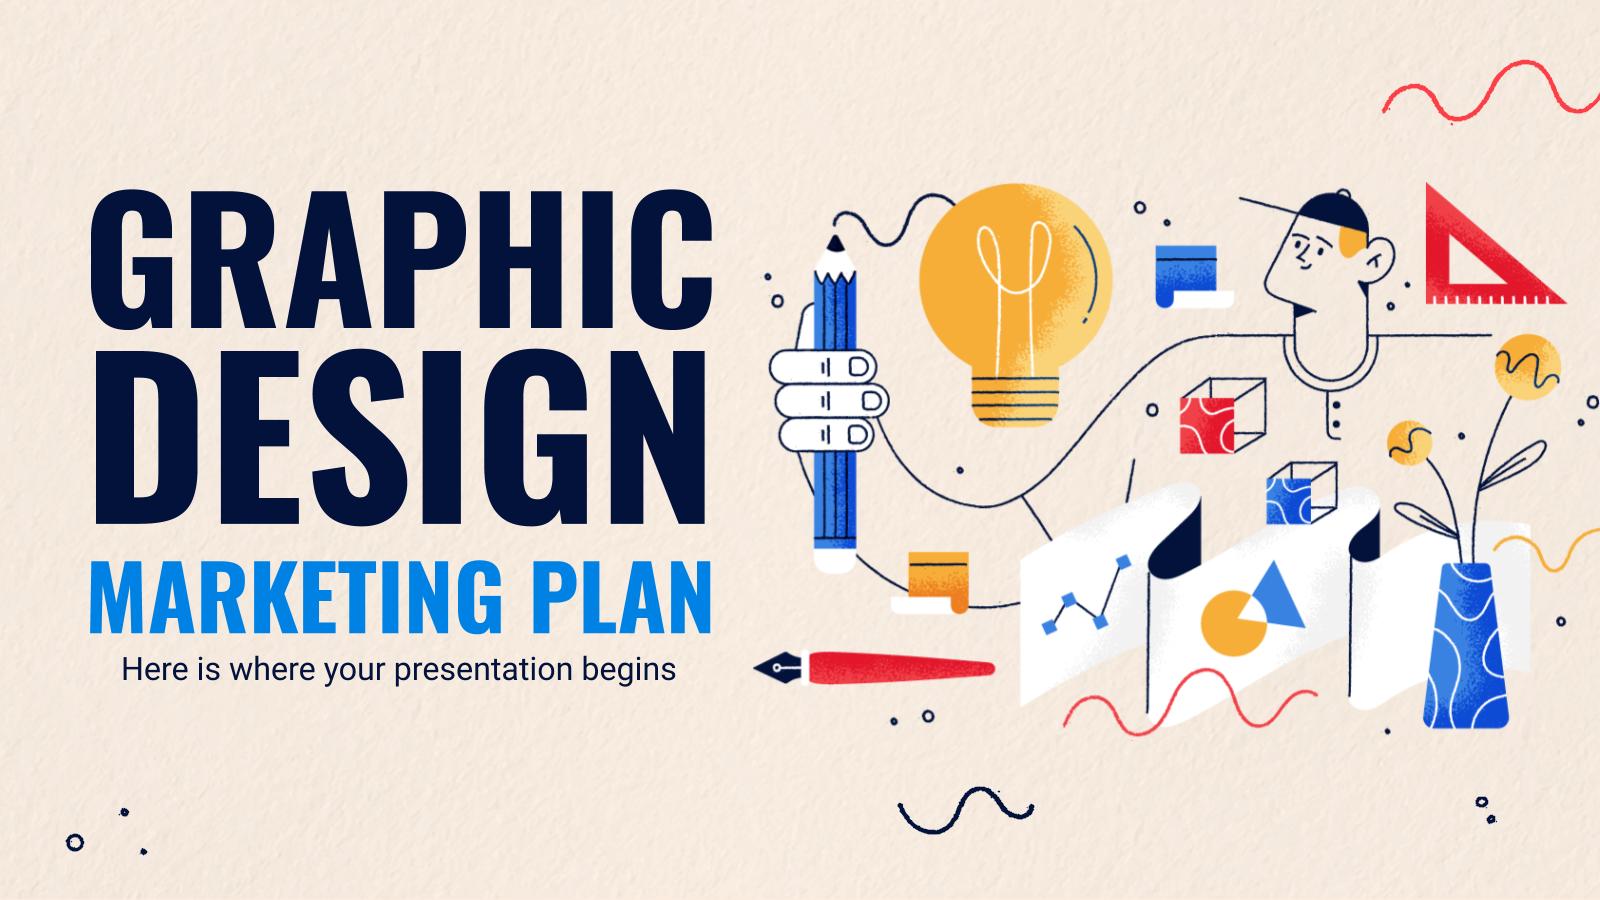 Modelo de apresentação Plano de marketing de design gráfico